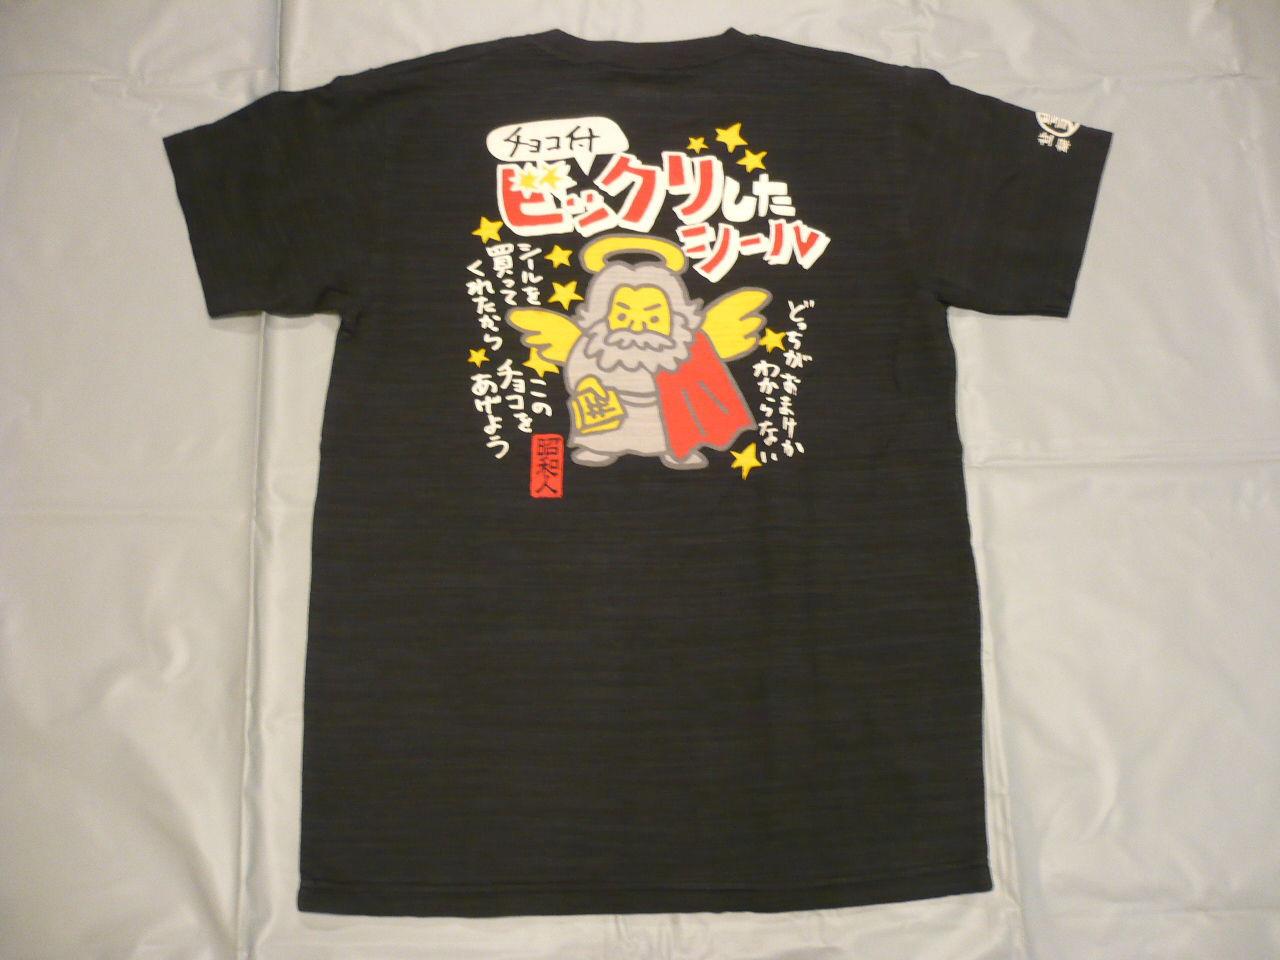 豊天商店 ビックリしたシール ビックリマン Tシャツ